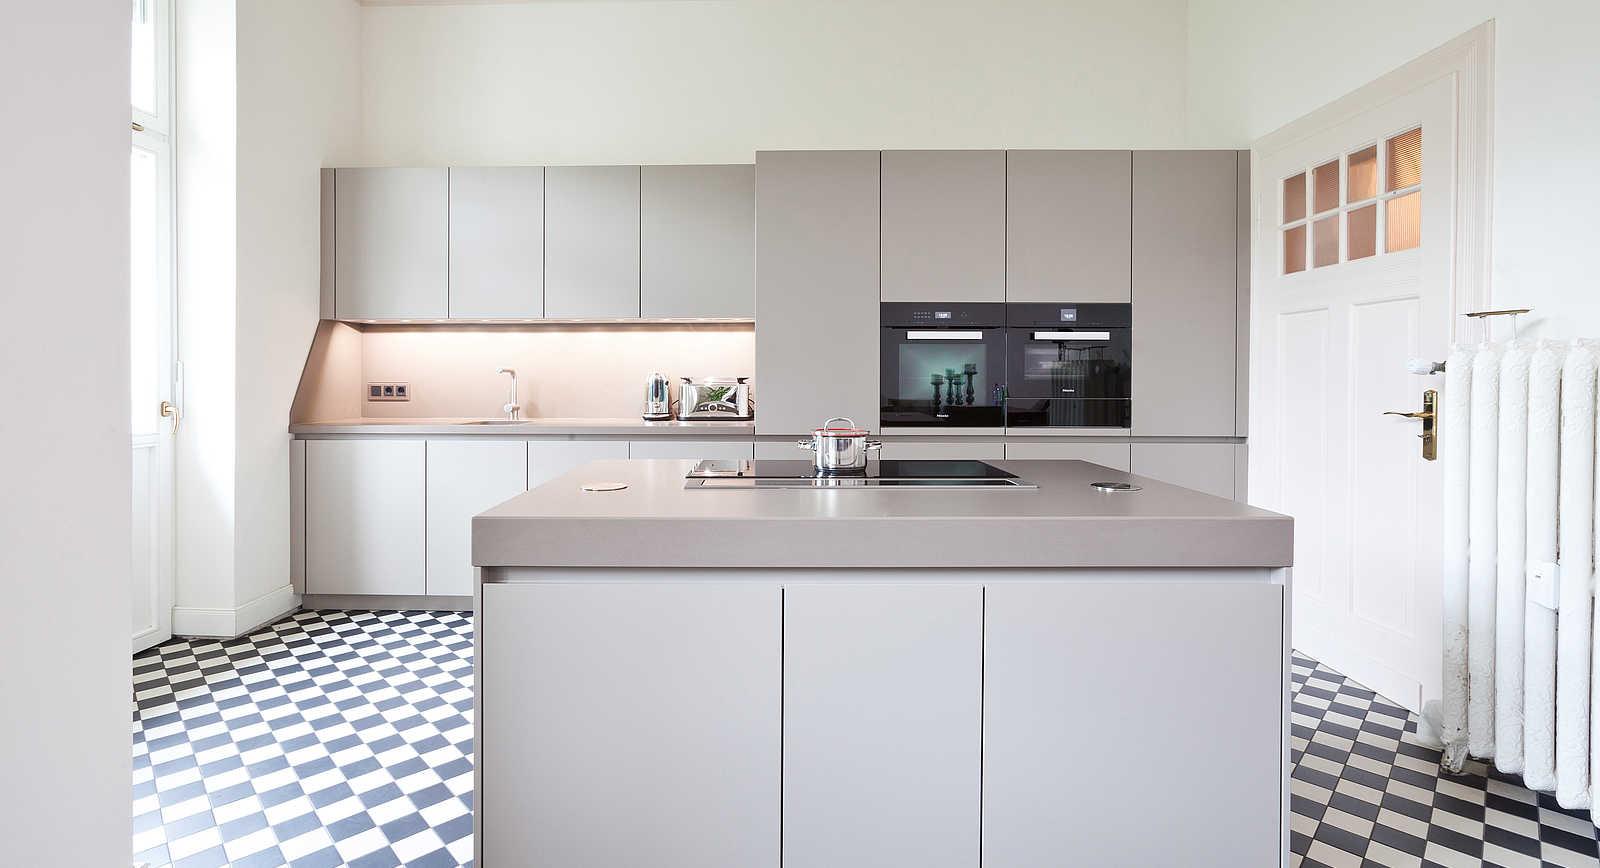 k che bonn bad godesberg k chen galerie bonn. Black Bedroom Furniture Sets. Home Design Ideas